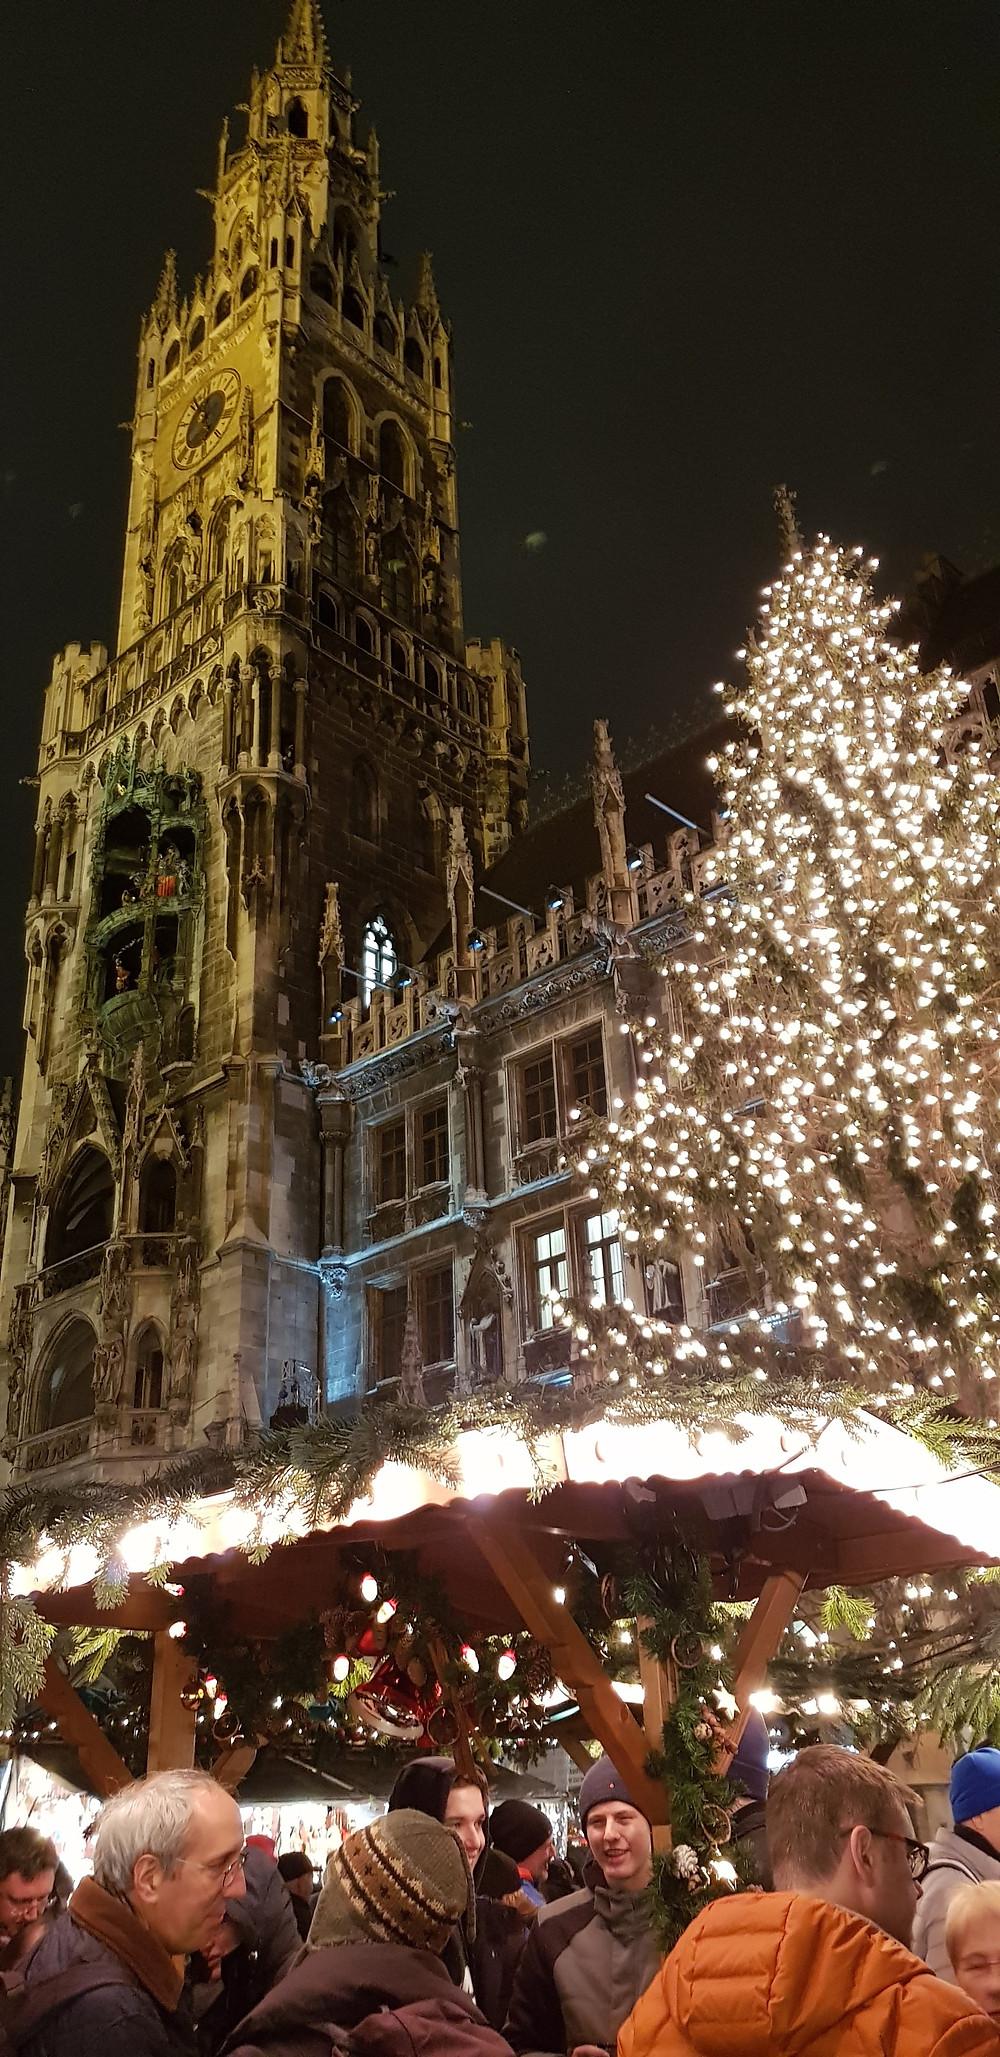 Marienplatz, Christmas Market